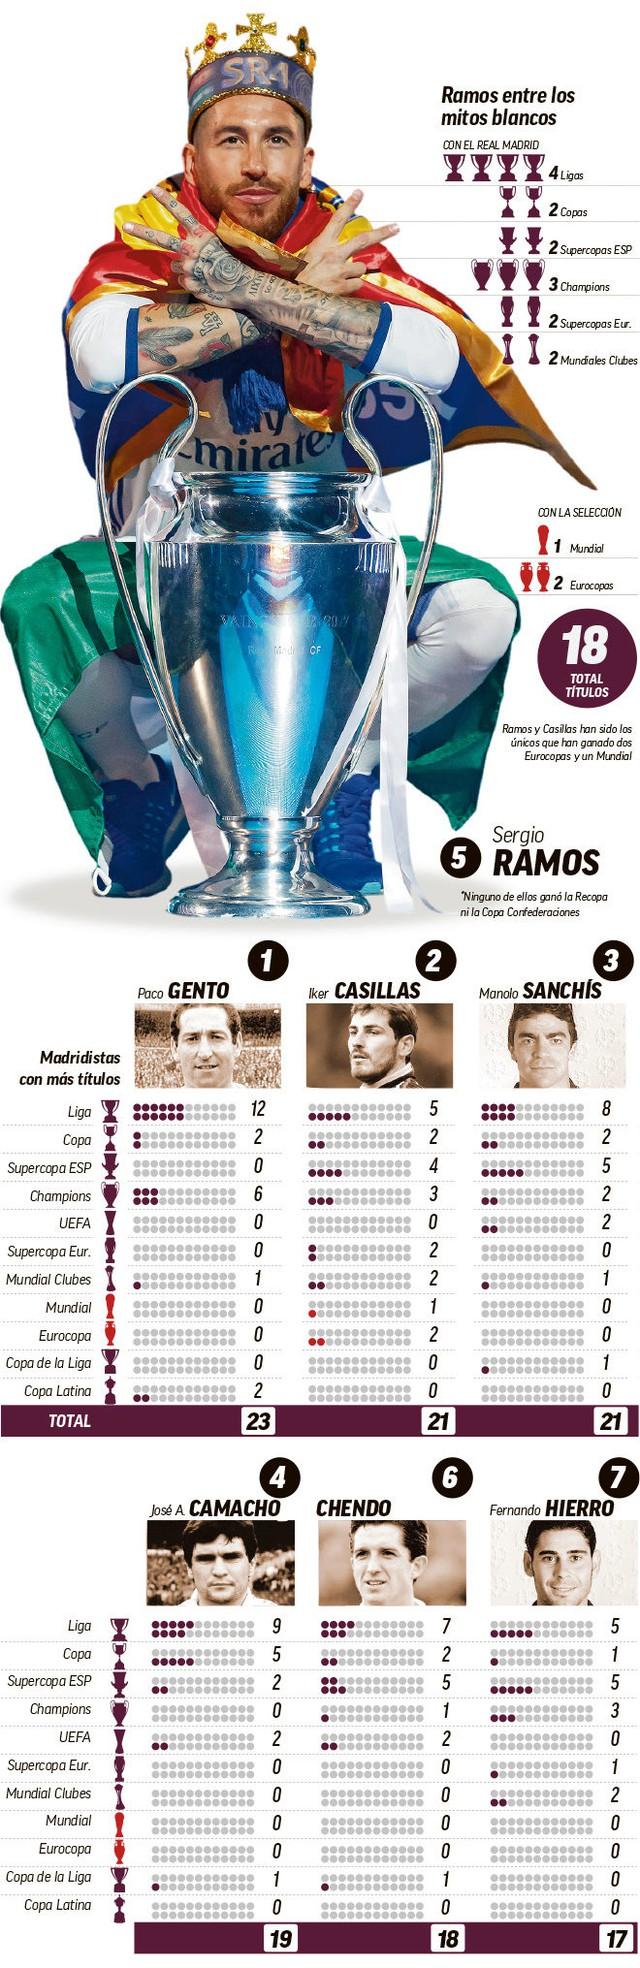 Ramos bước lên hàng ngũ những đội trưởng huyền thoại của Real Madrid - Ảnh 1.